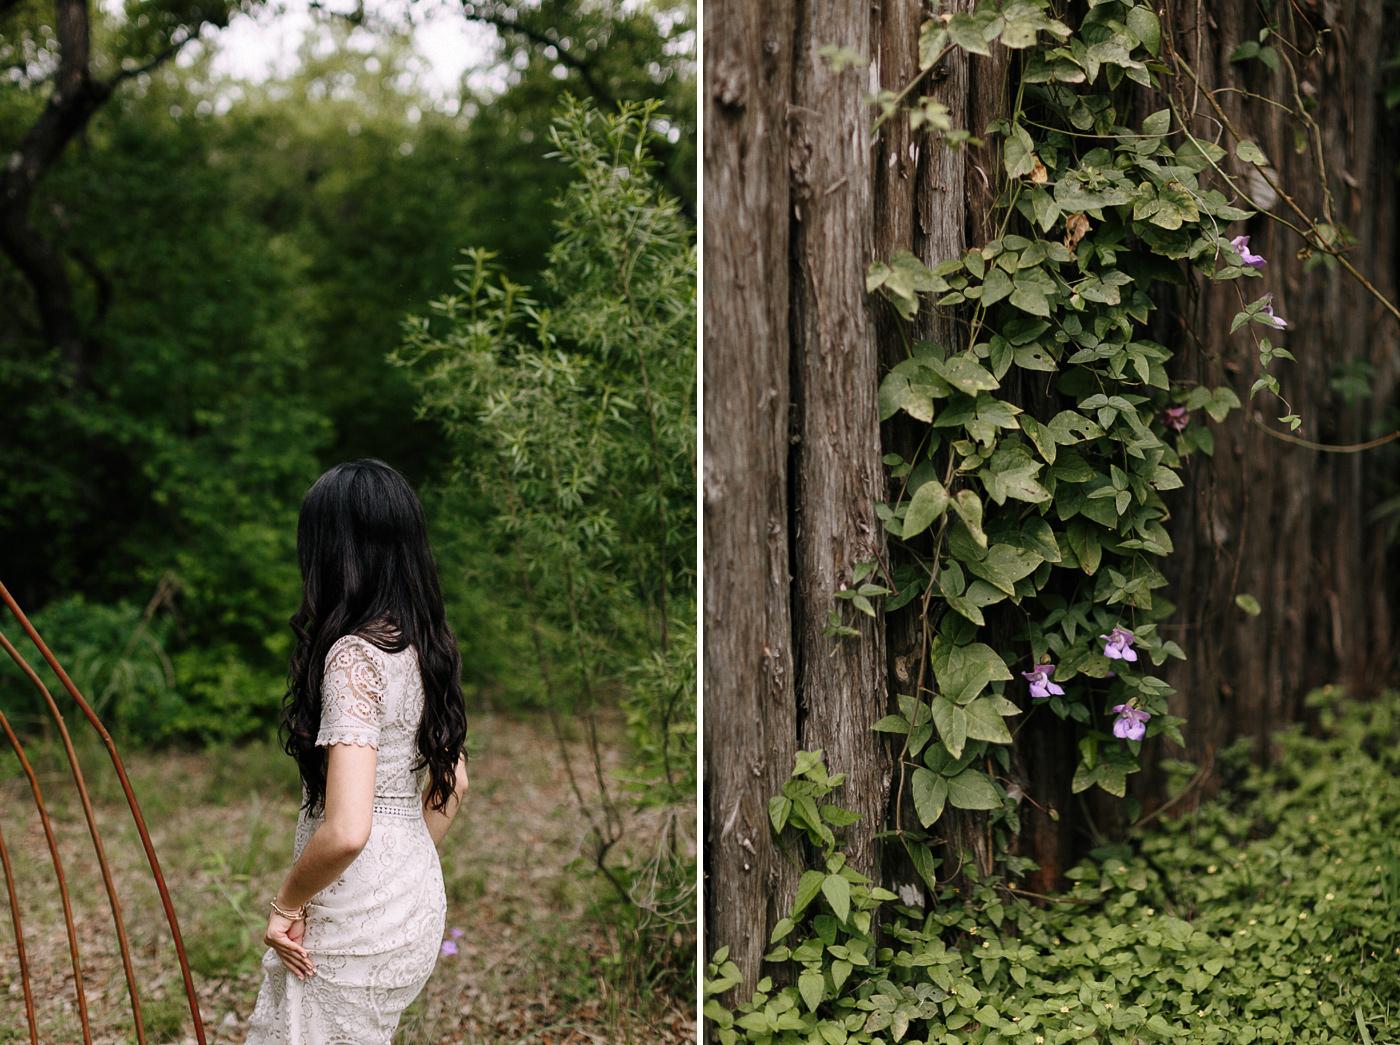 300-wimberley-texas-intimate-backyard-wedding.jpg